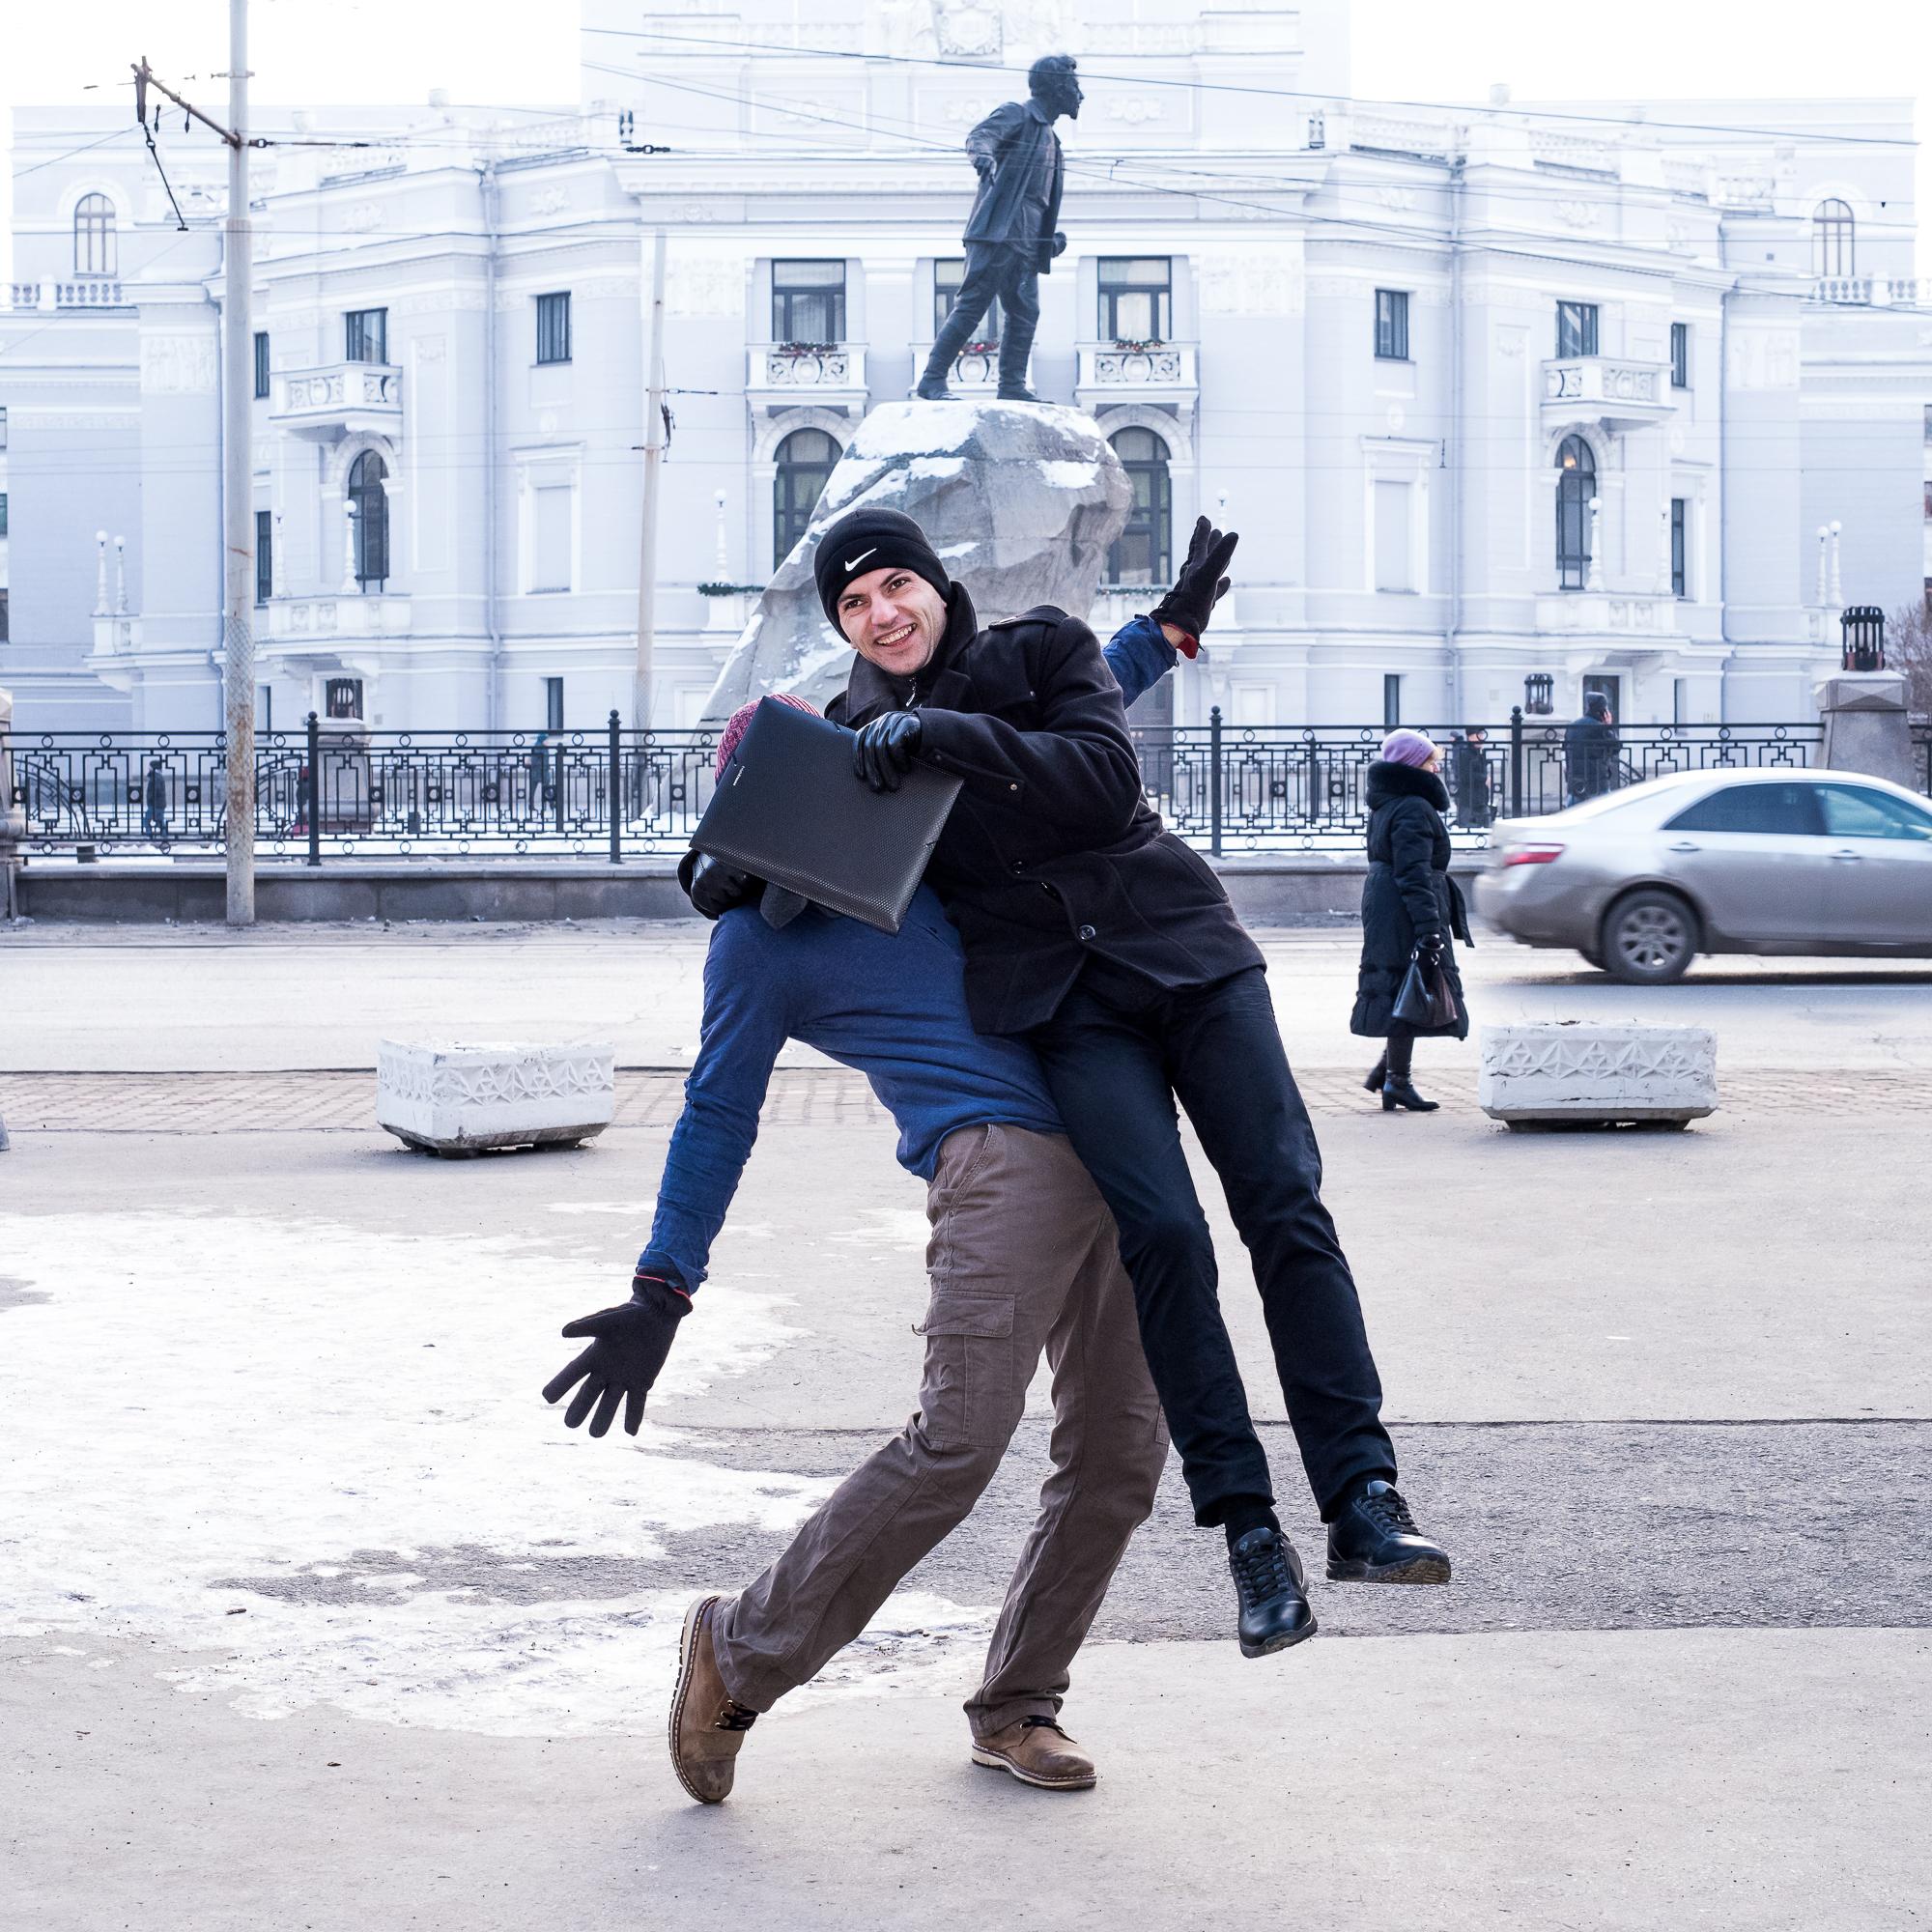 Yekaterinburg_Russia_-8,9°C